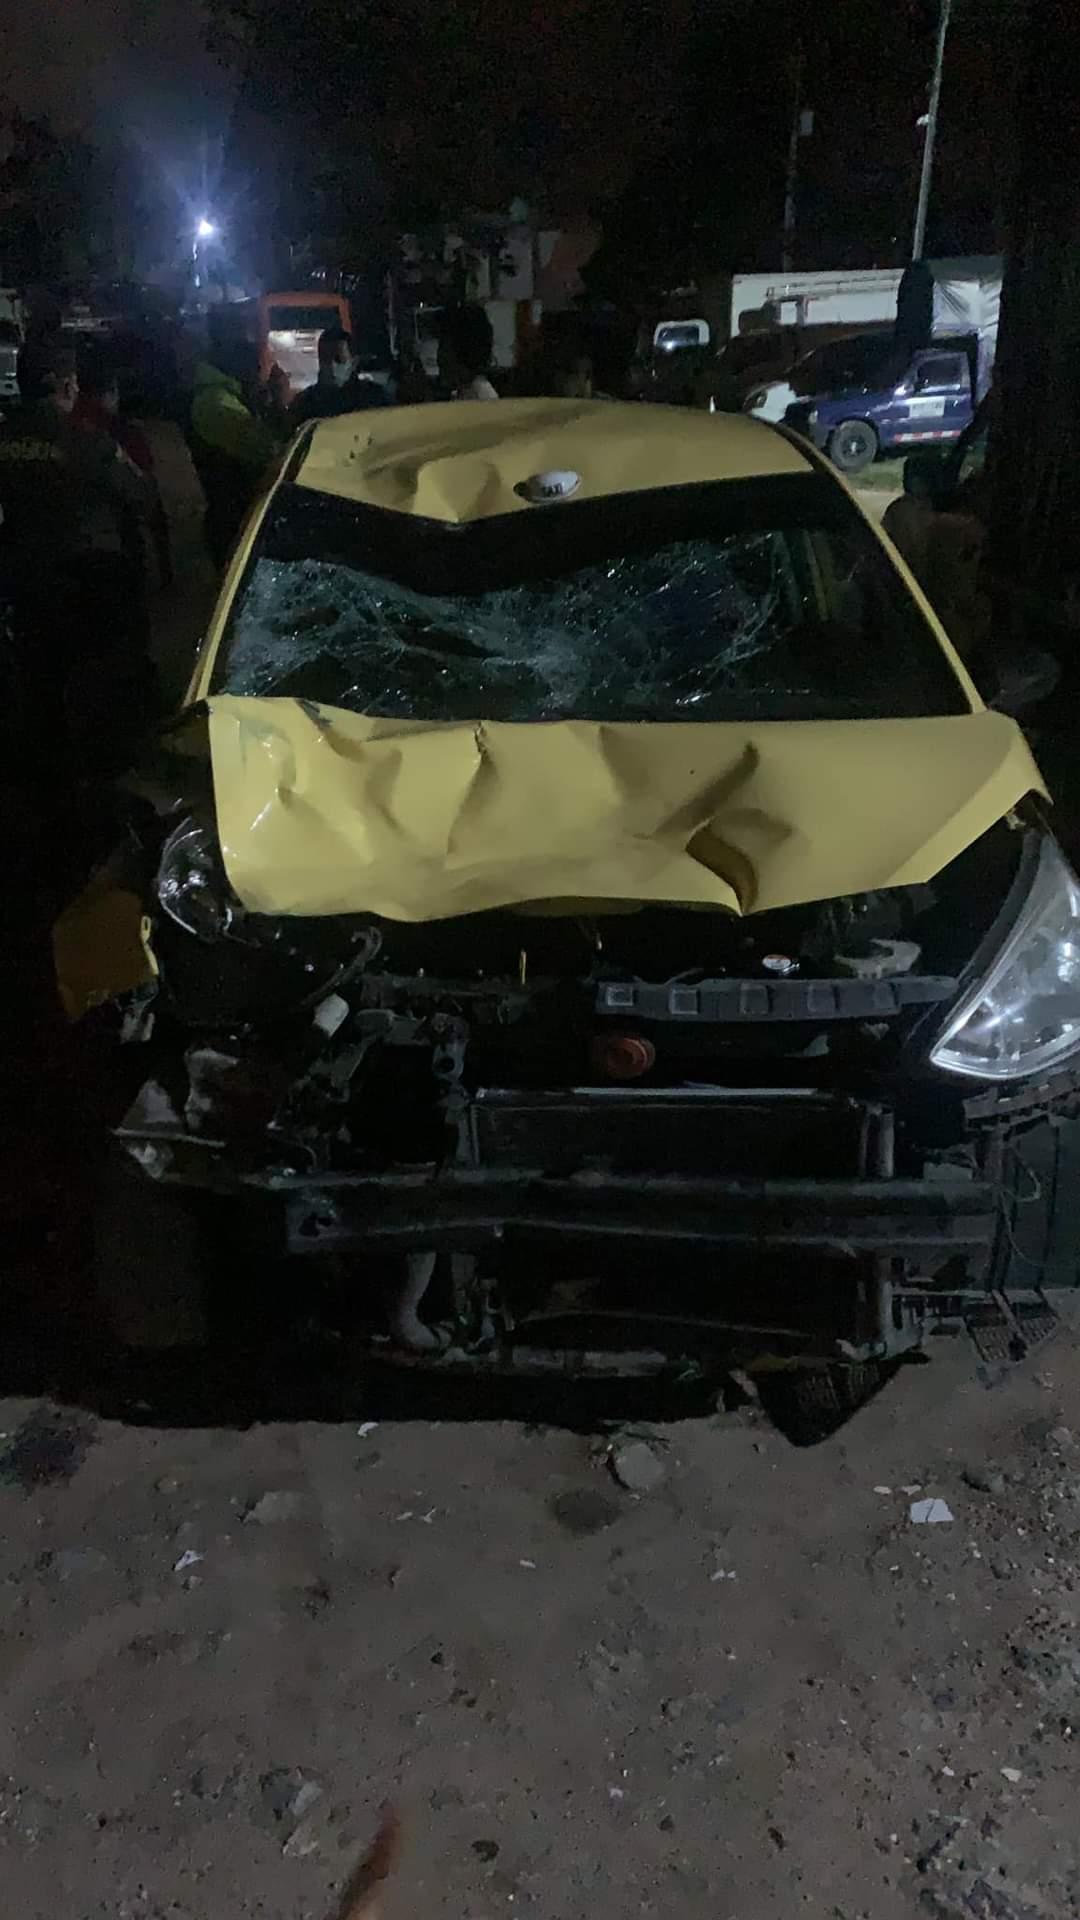 Con el taxi destrozado cogieron al conductor que arrolló motociclistas en la 60 con mirolindo 10